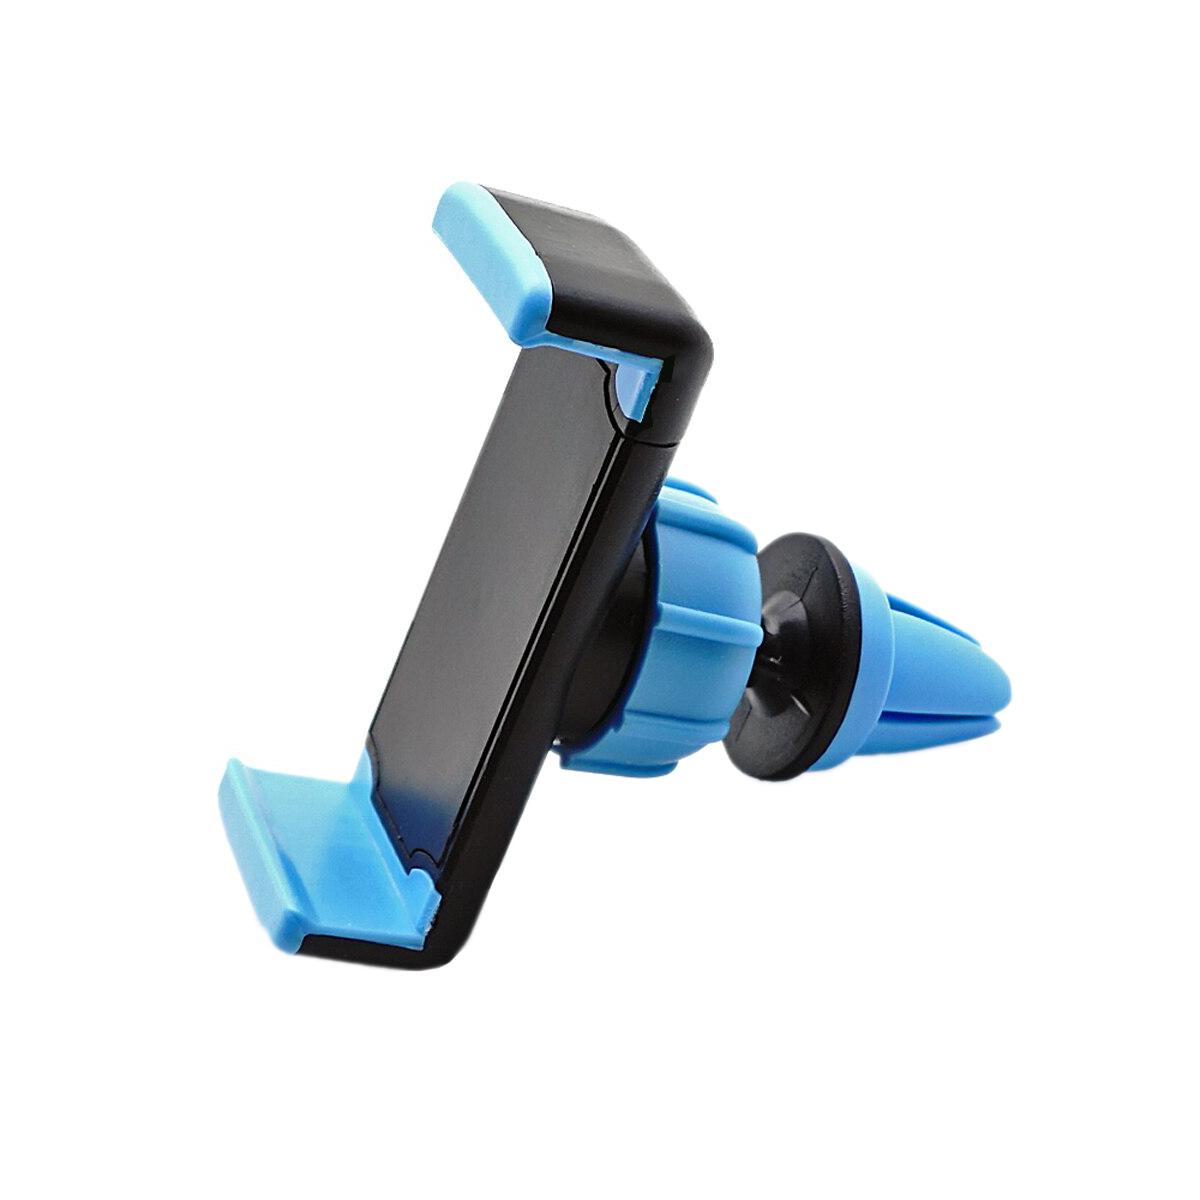 نگهدارنده گوشی موبایل مدل ventil main 1 3